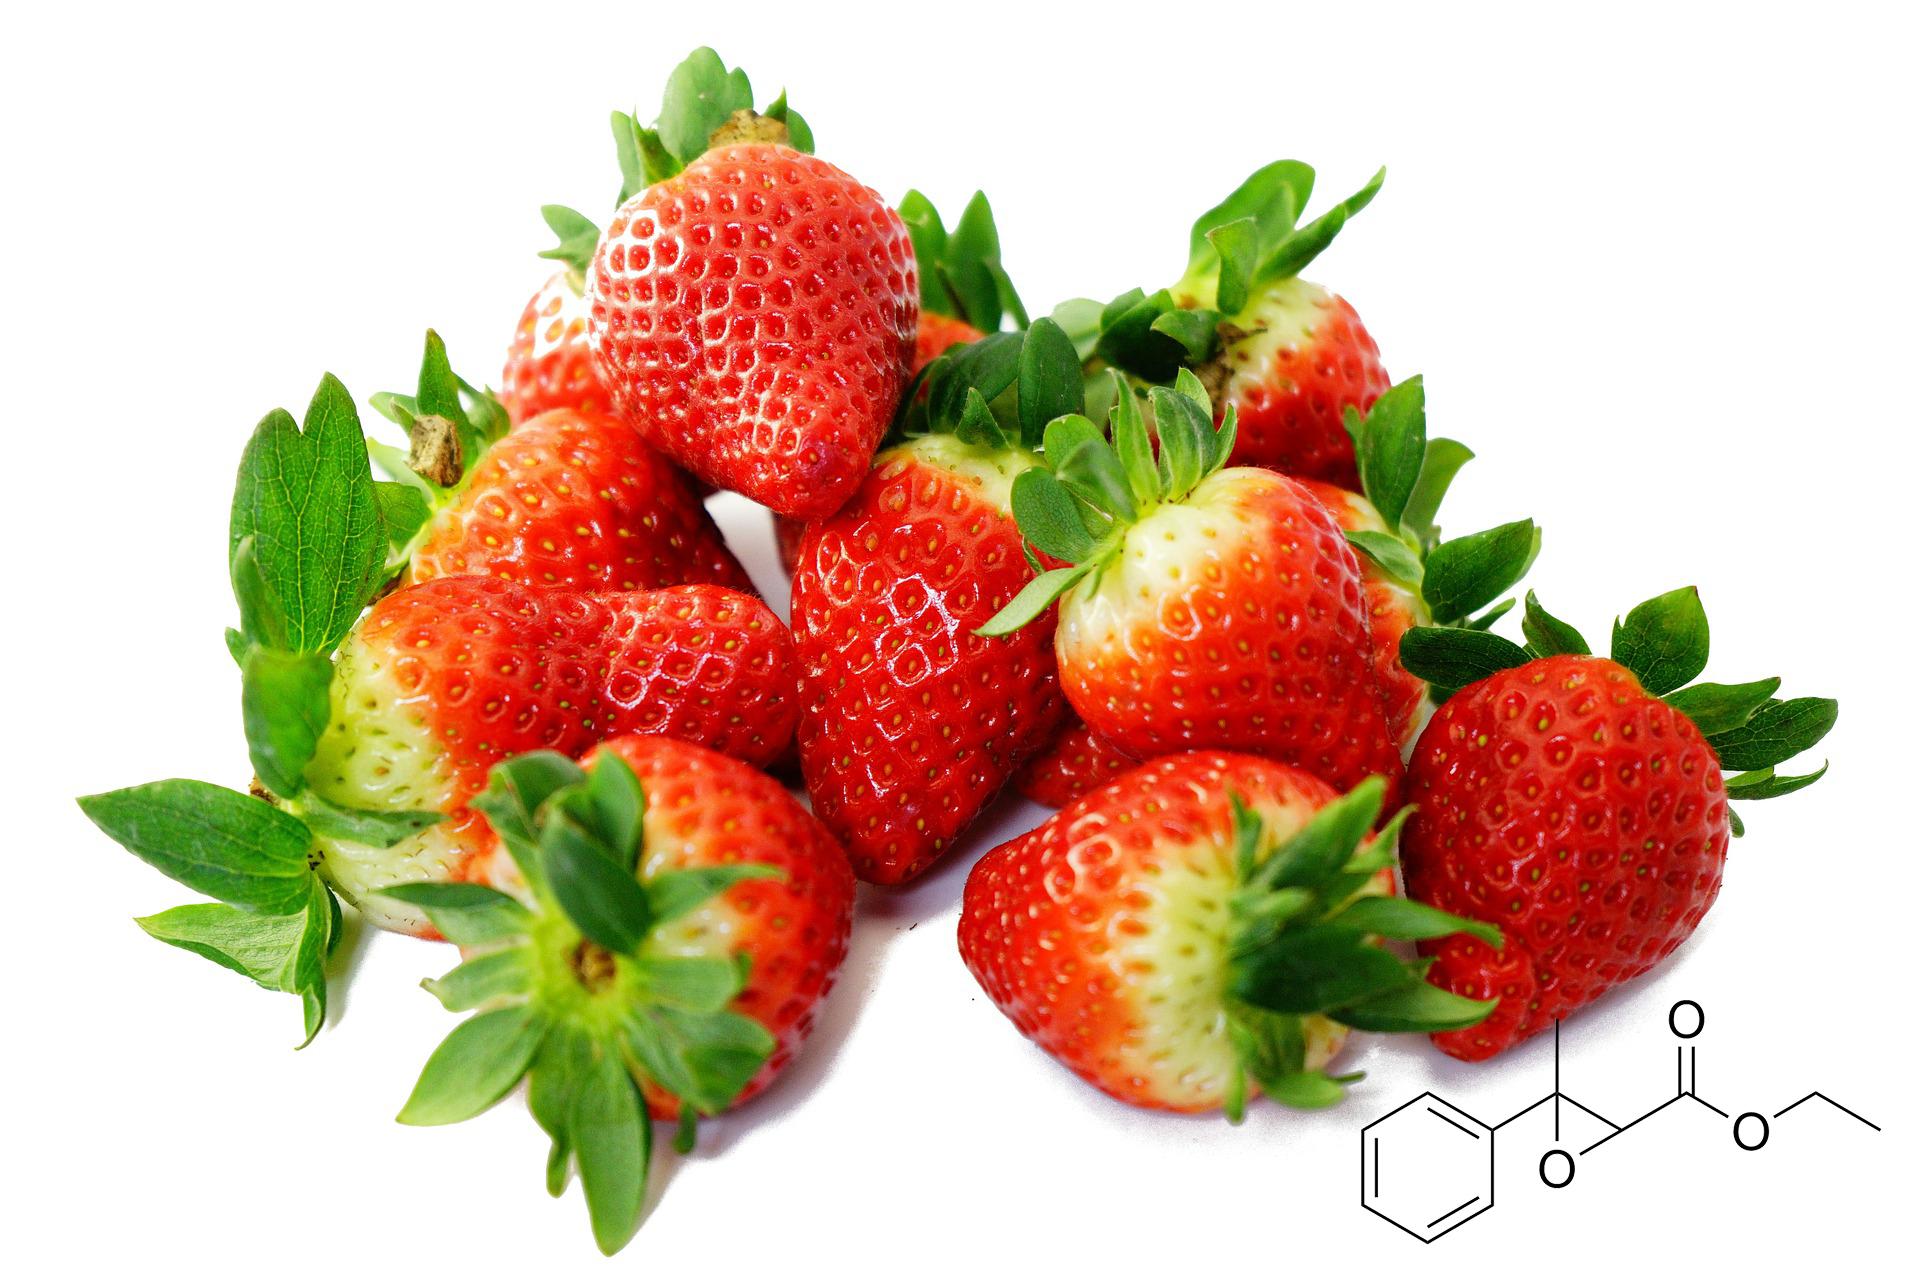 딸기와 화학 모형도